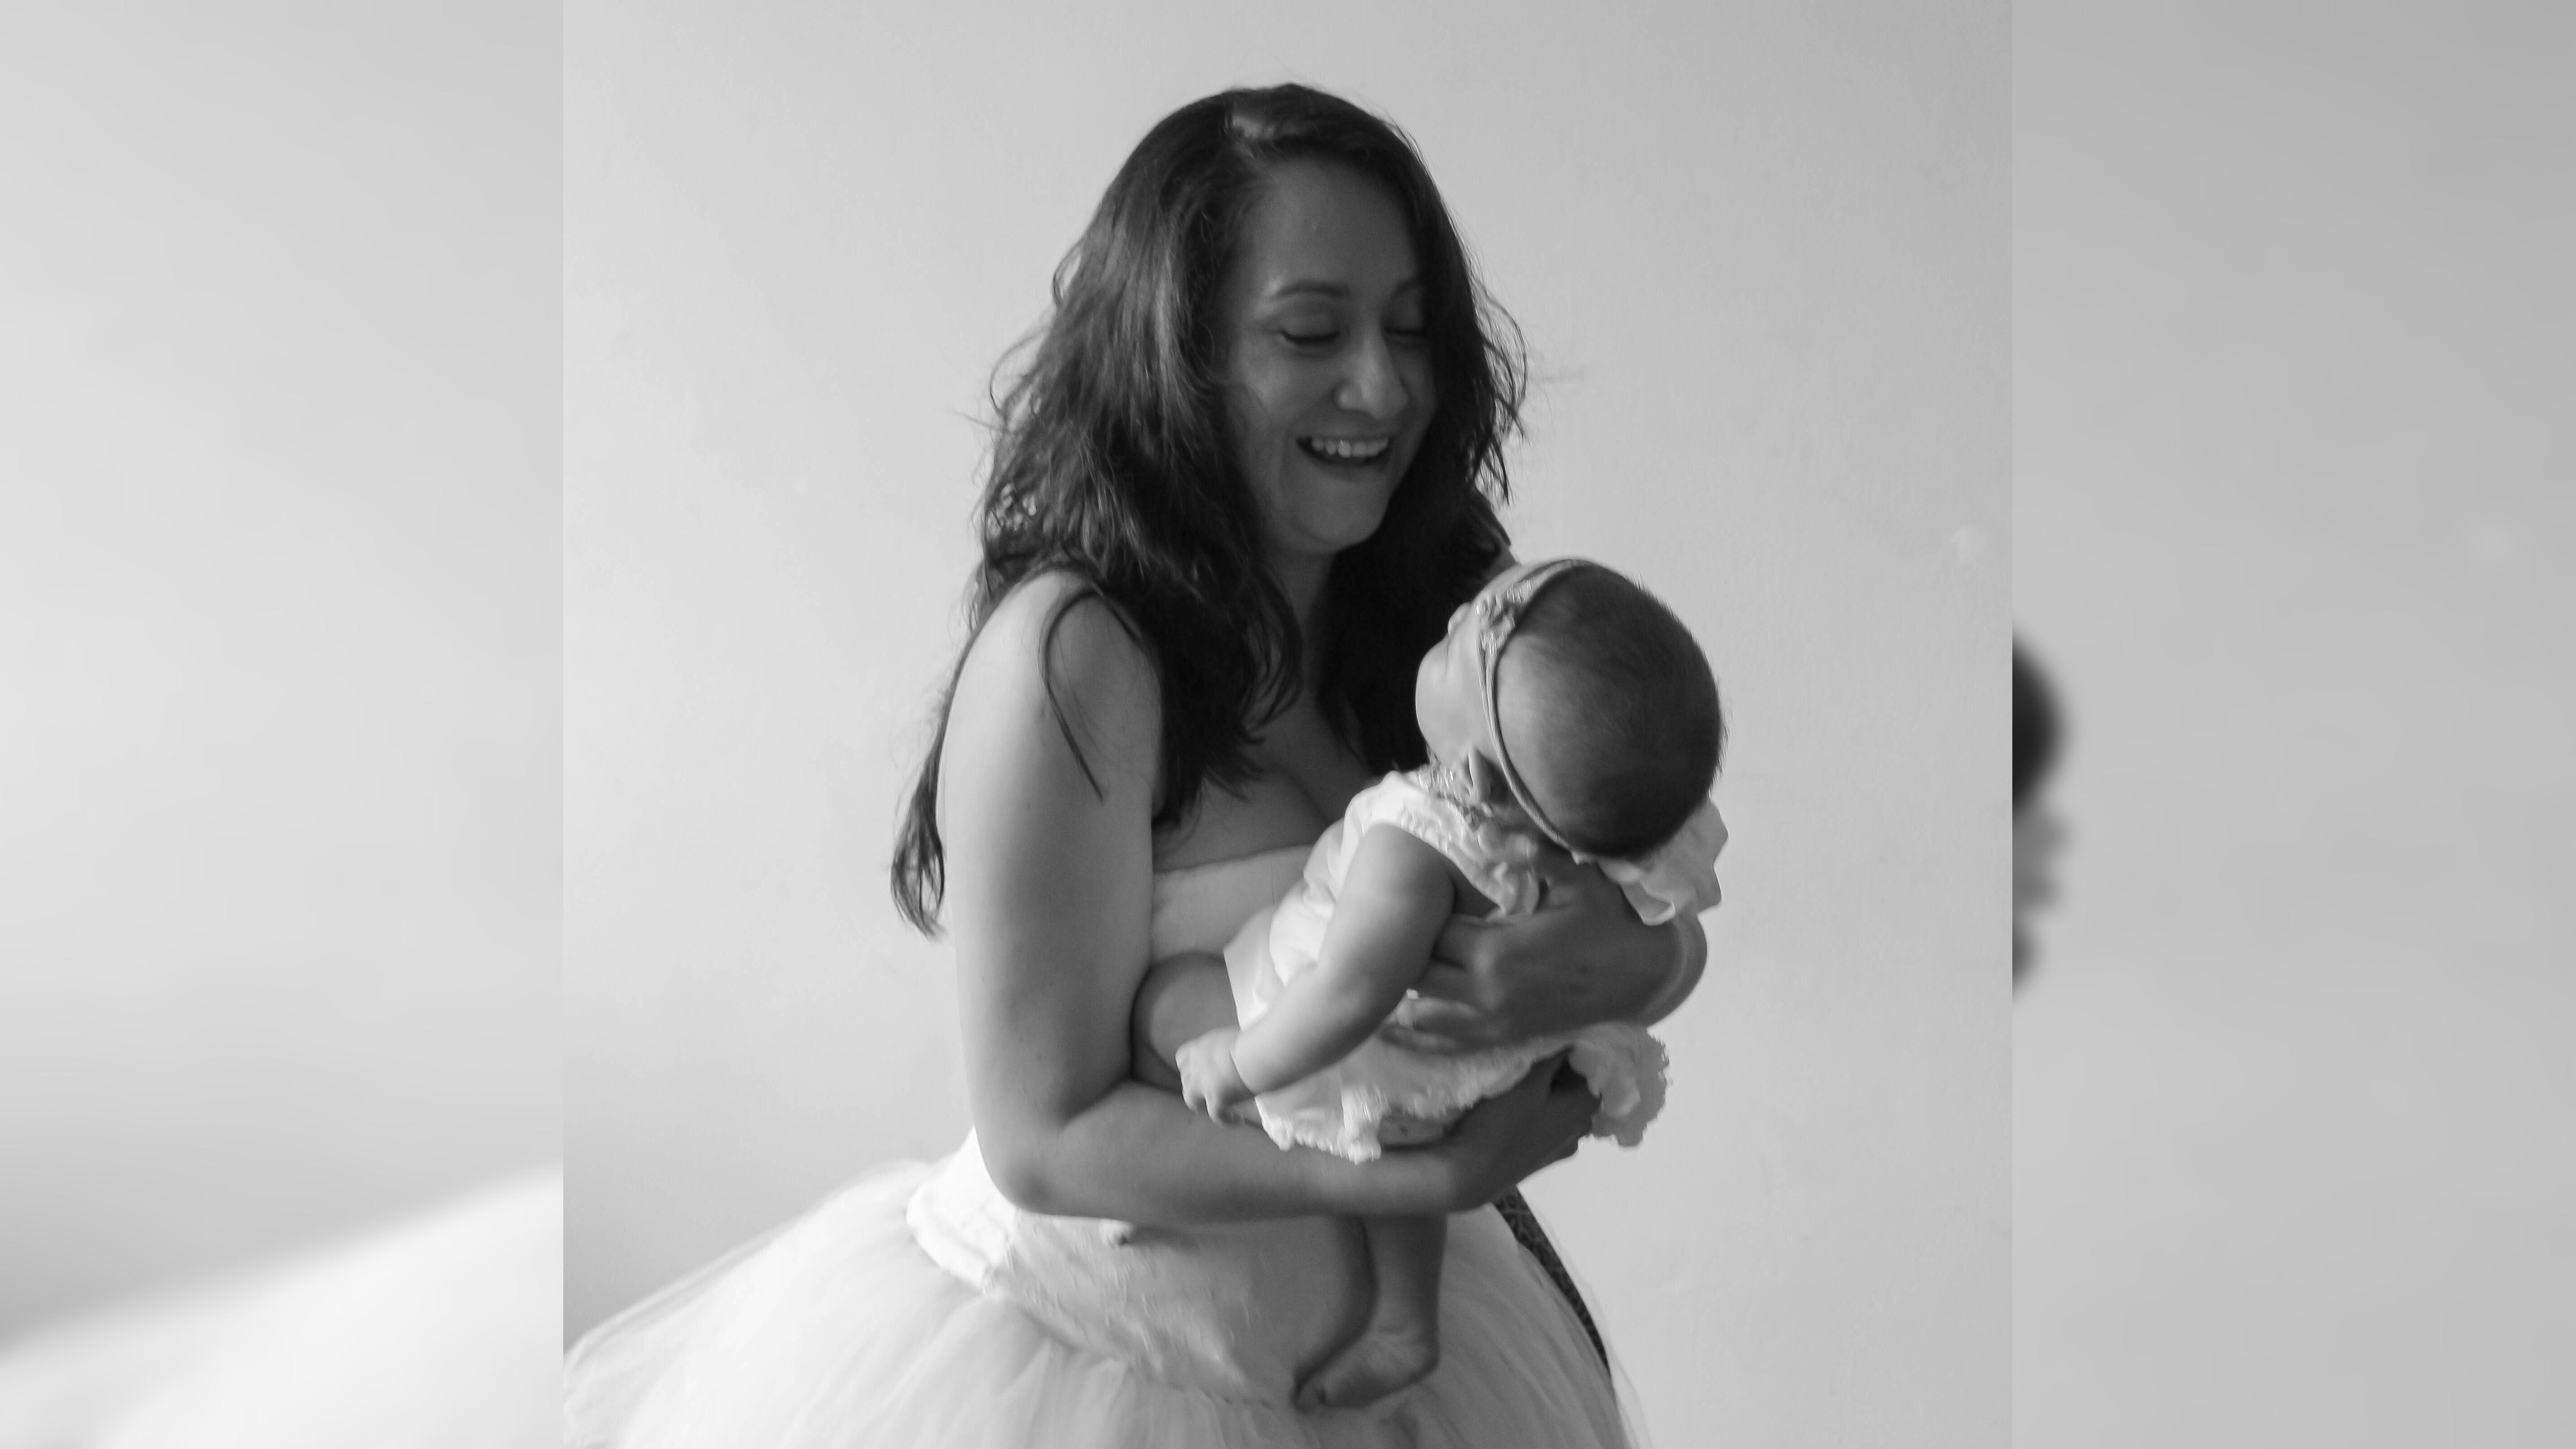 Para Carol Hernández, la maternidad es impro pura.